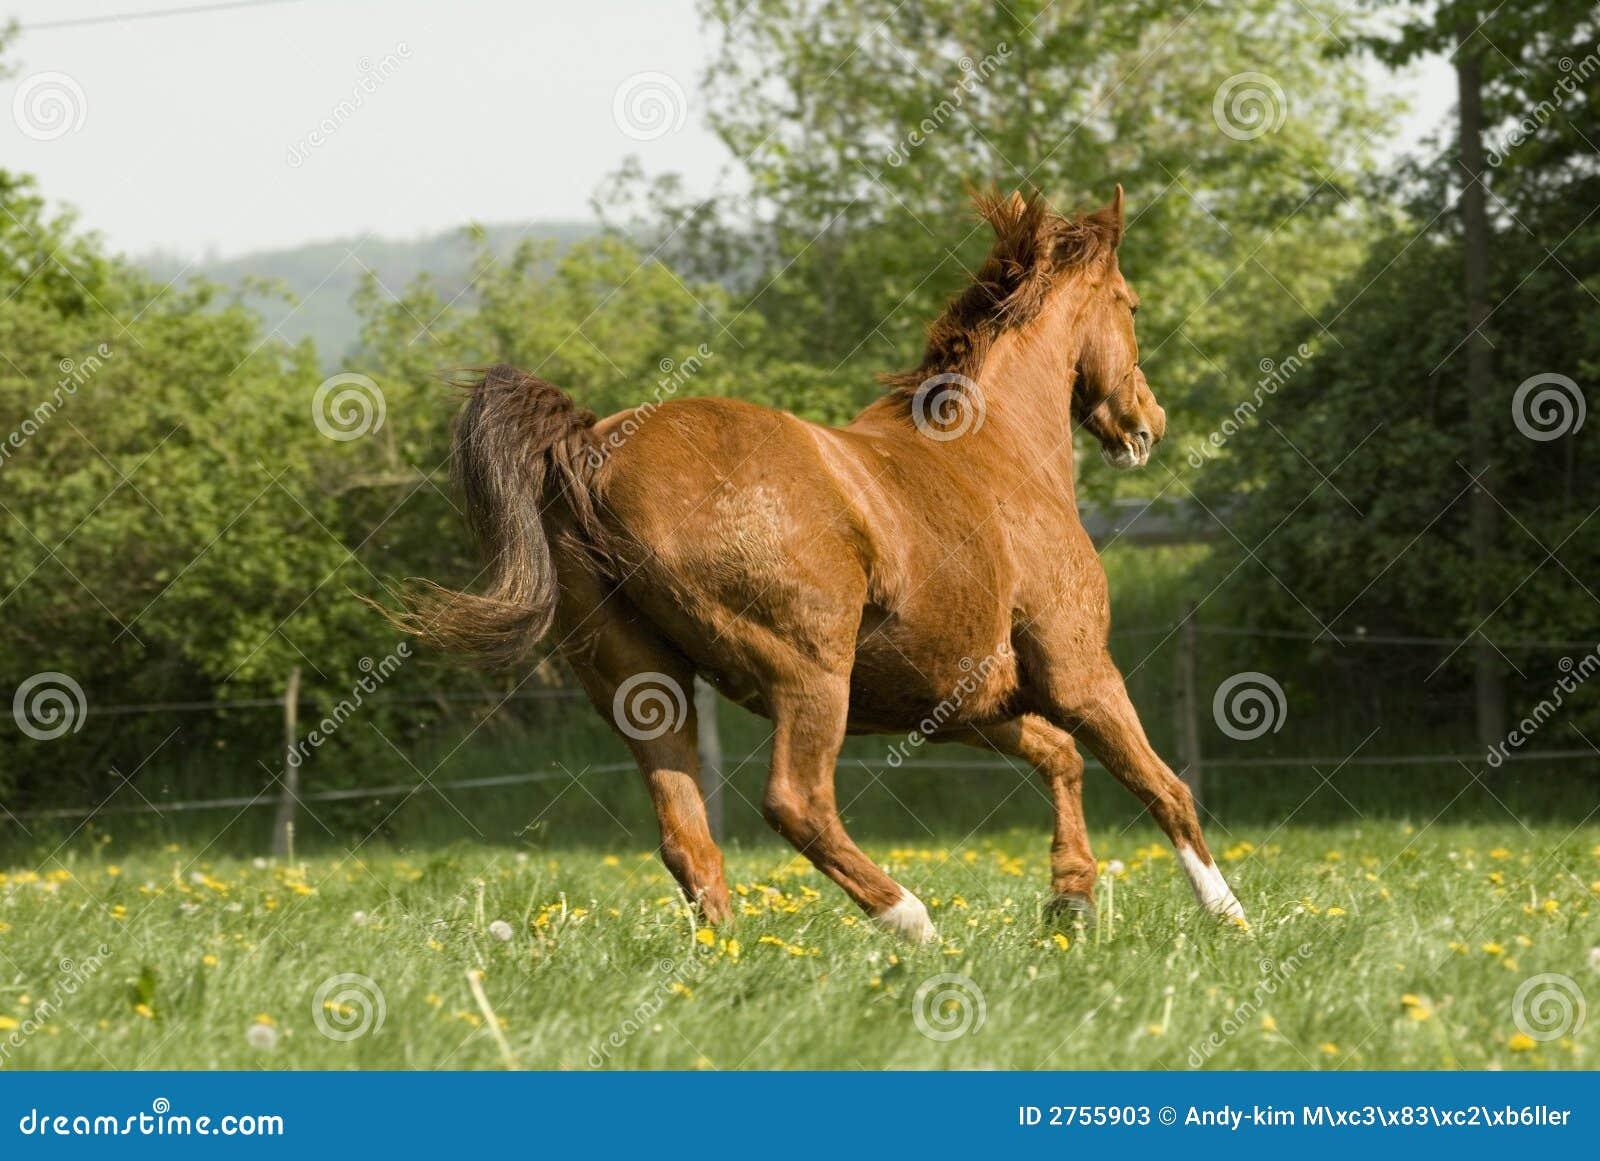 Chestnut Horse Running Wild Stock Image - Image: 2755903 - photo#34